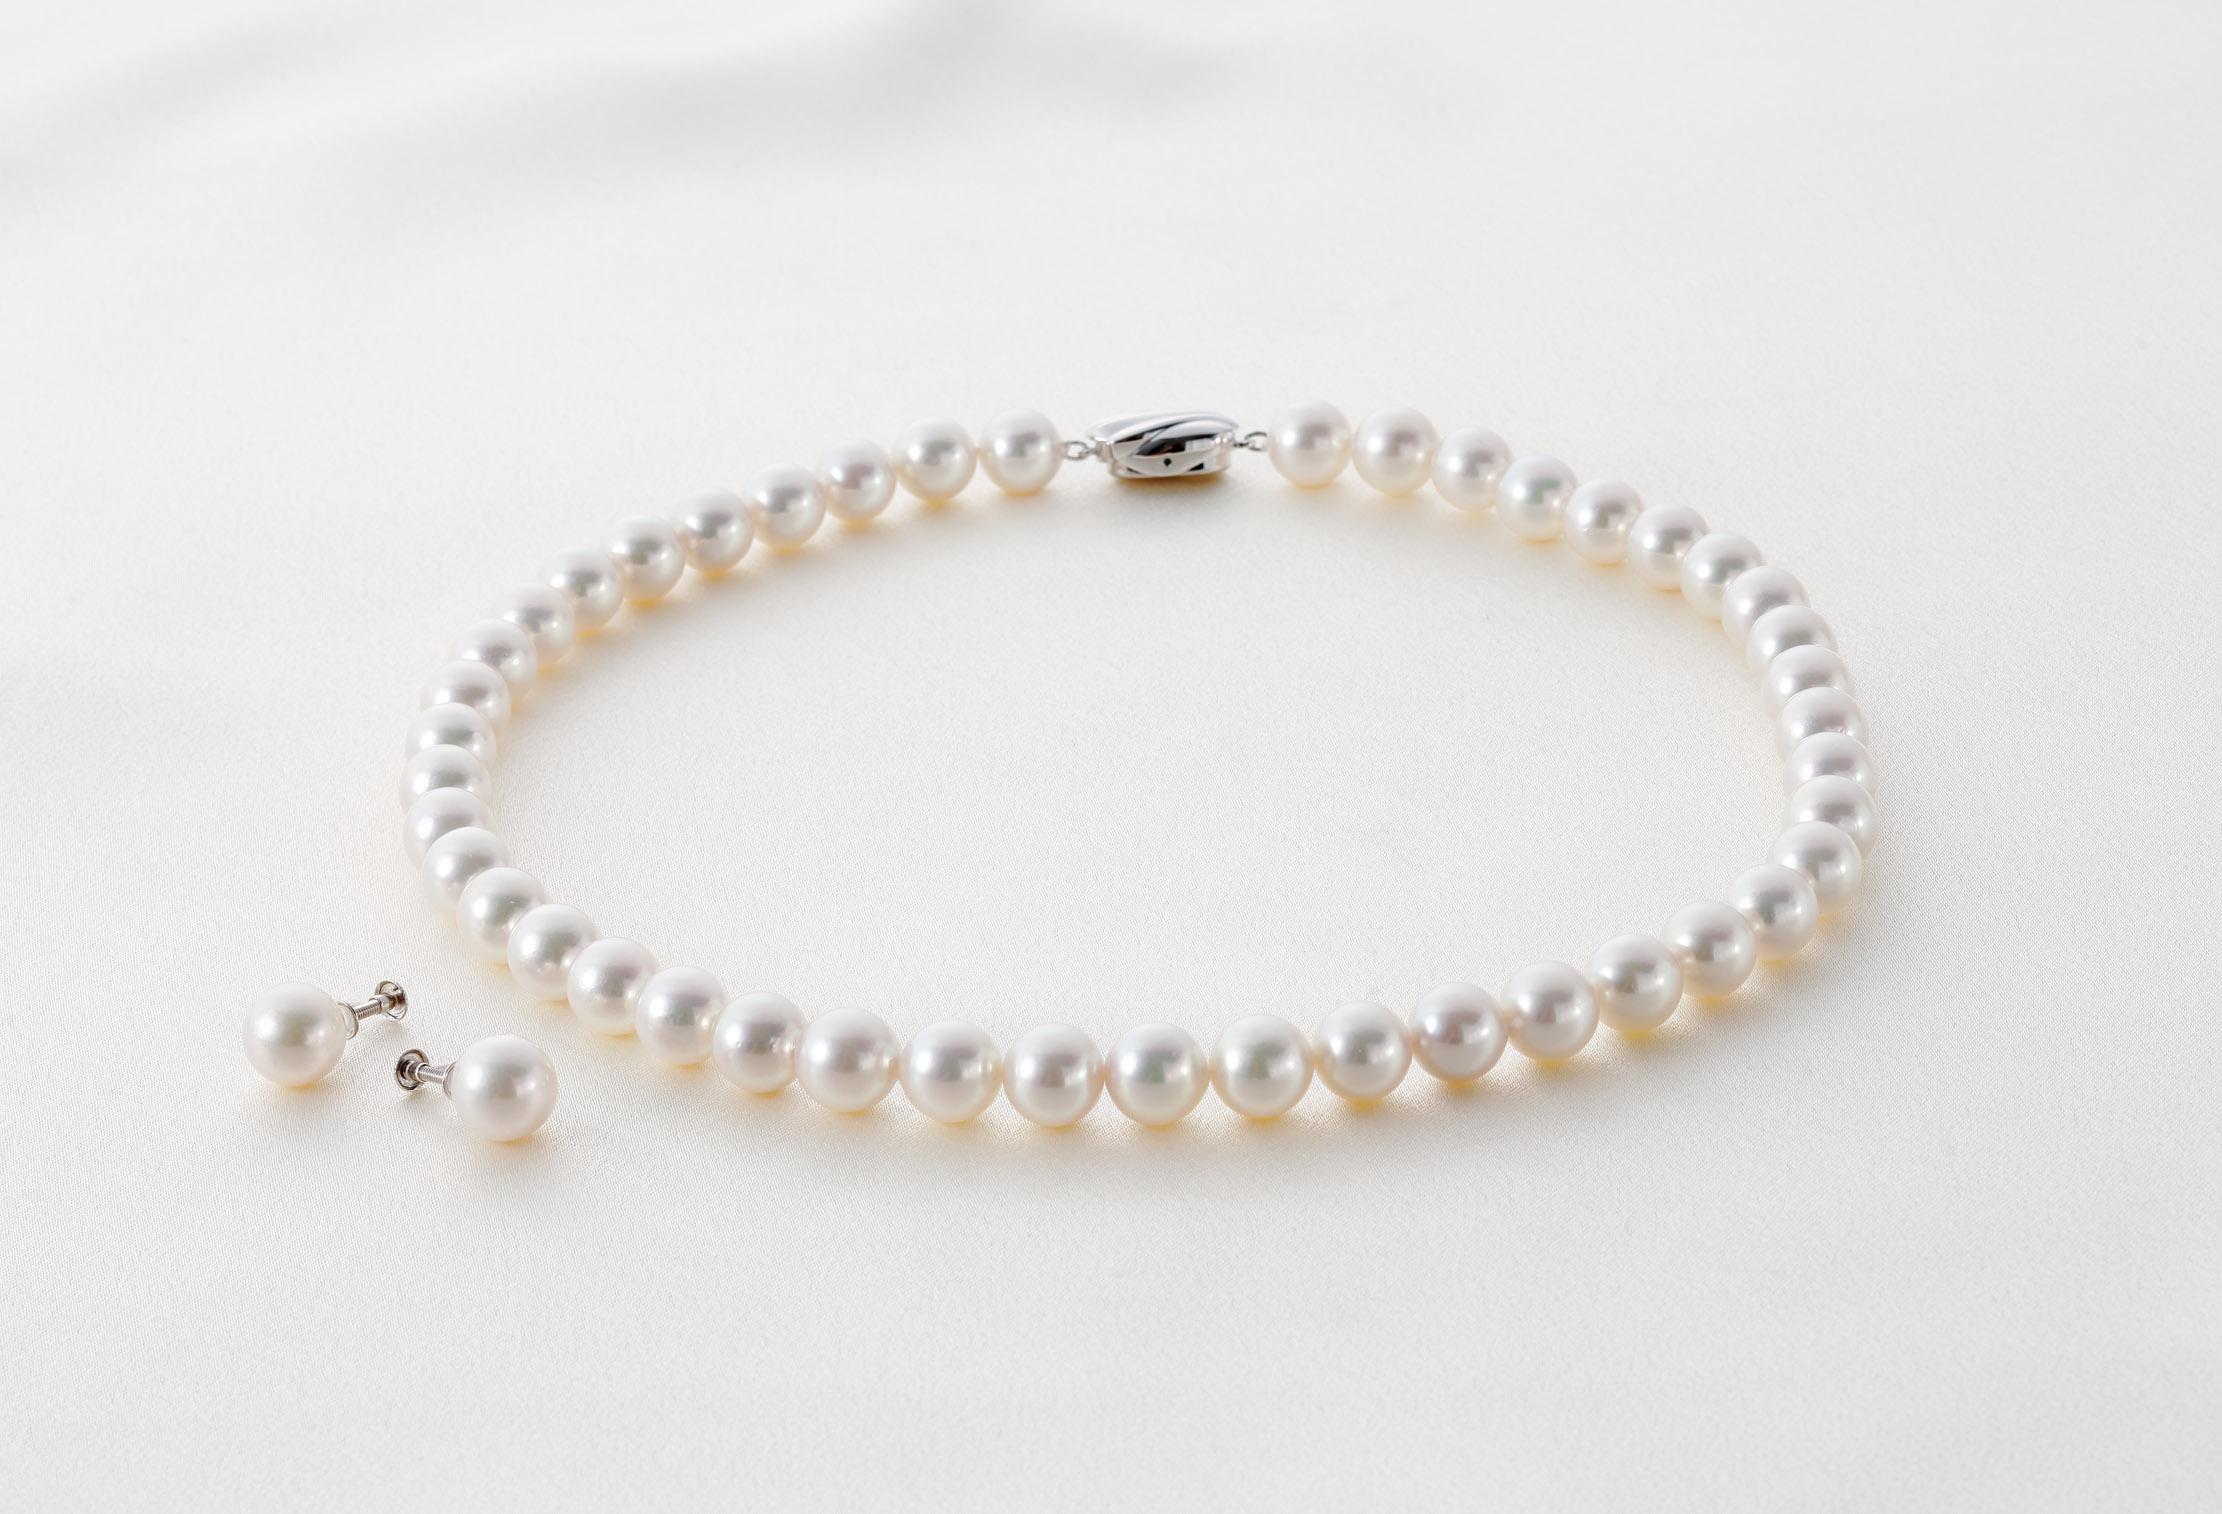 【静岡市】静岡で真珠を探すなら、真珠専門店へ!